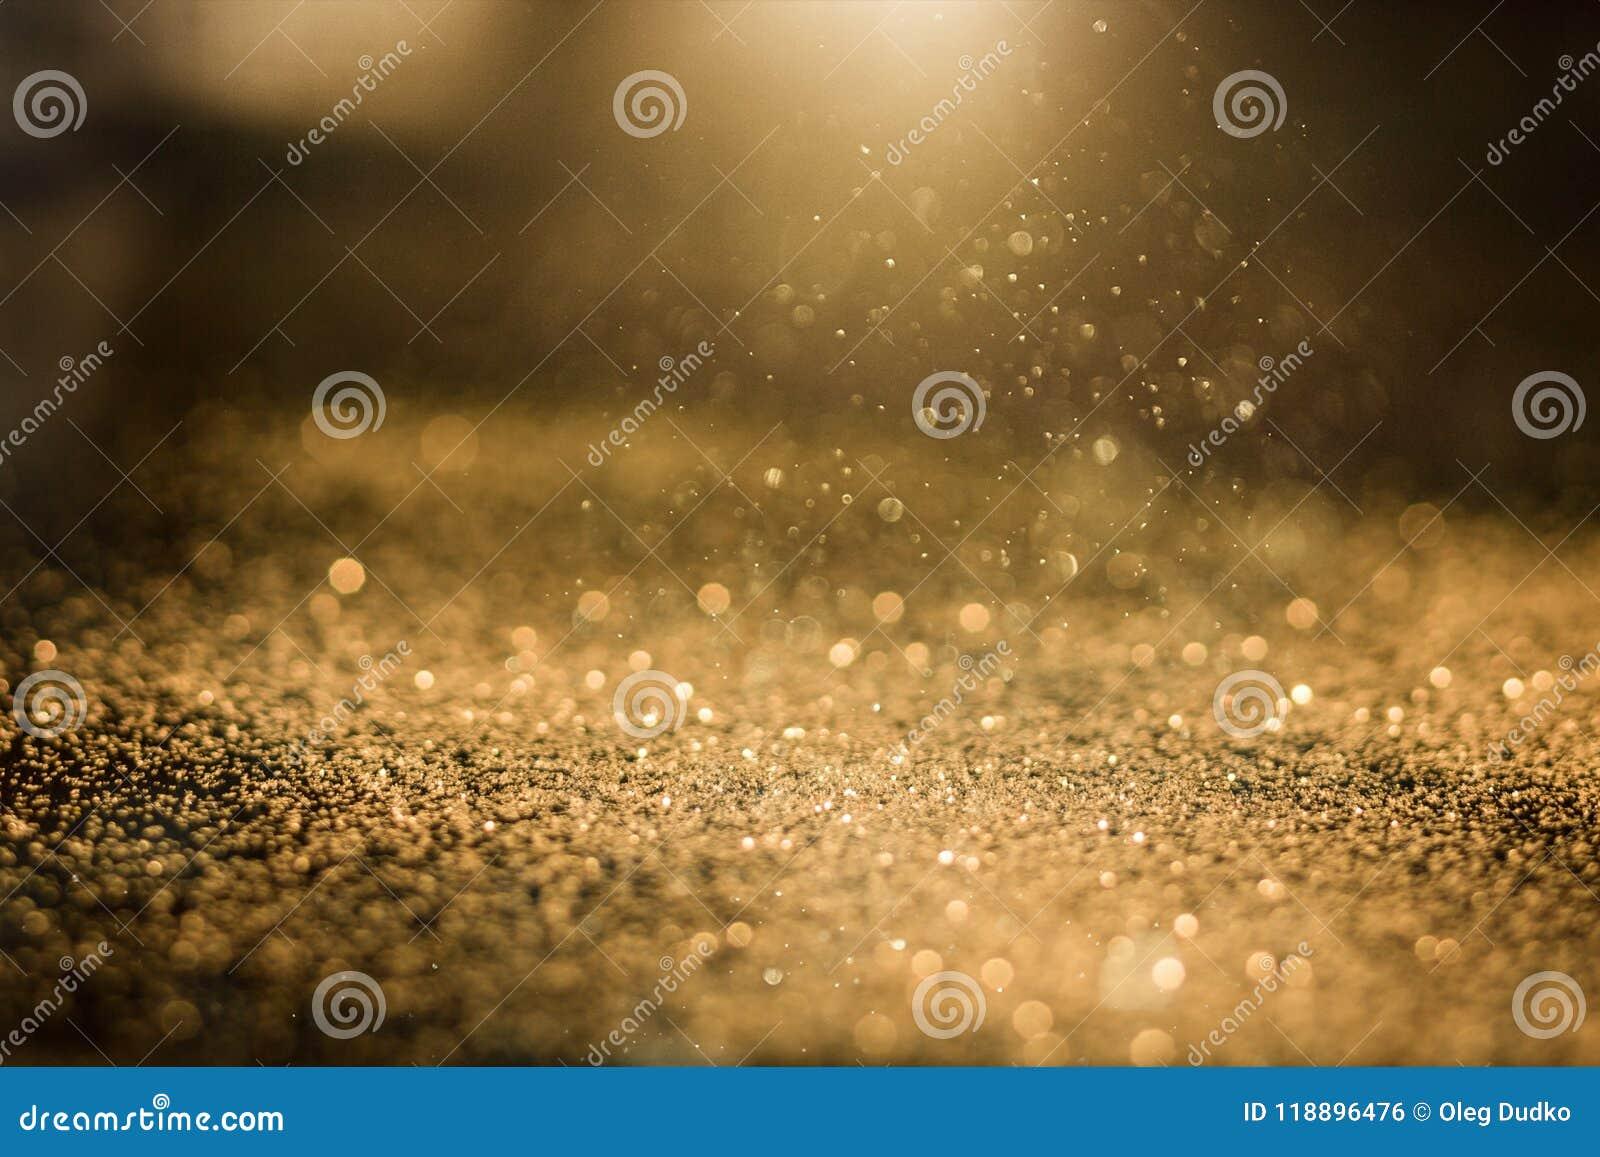 Abstract golden glitter